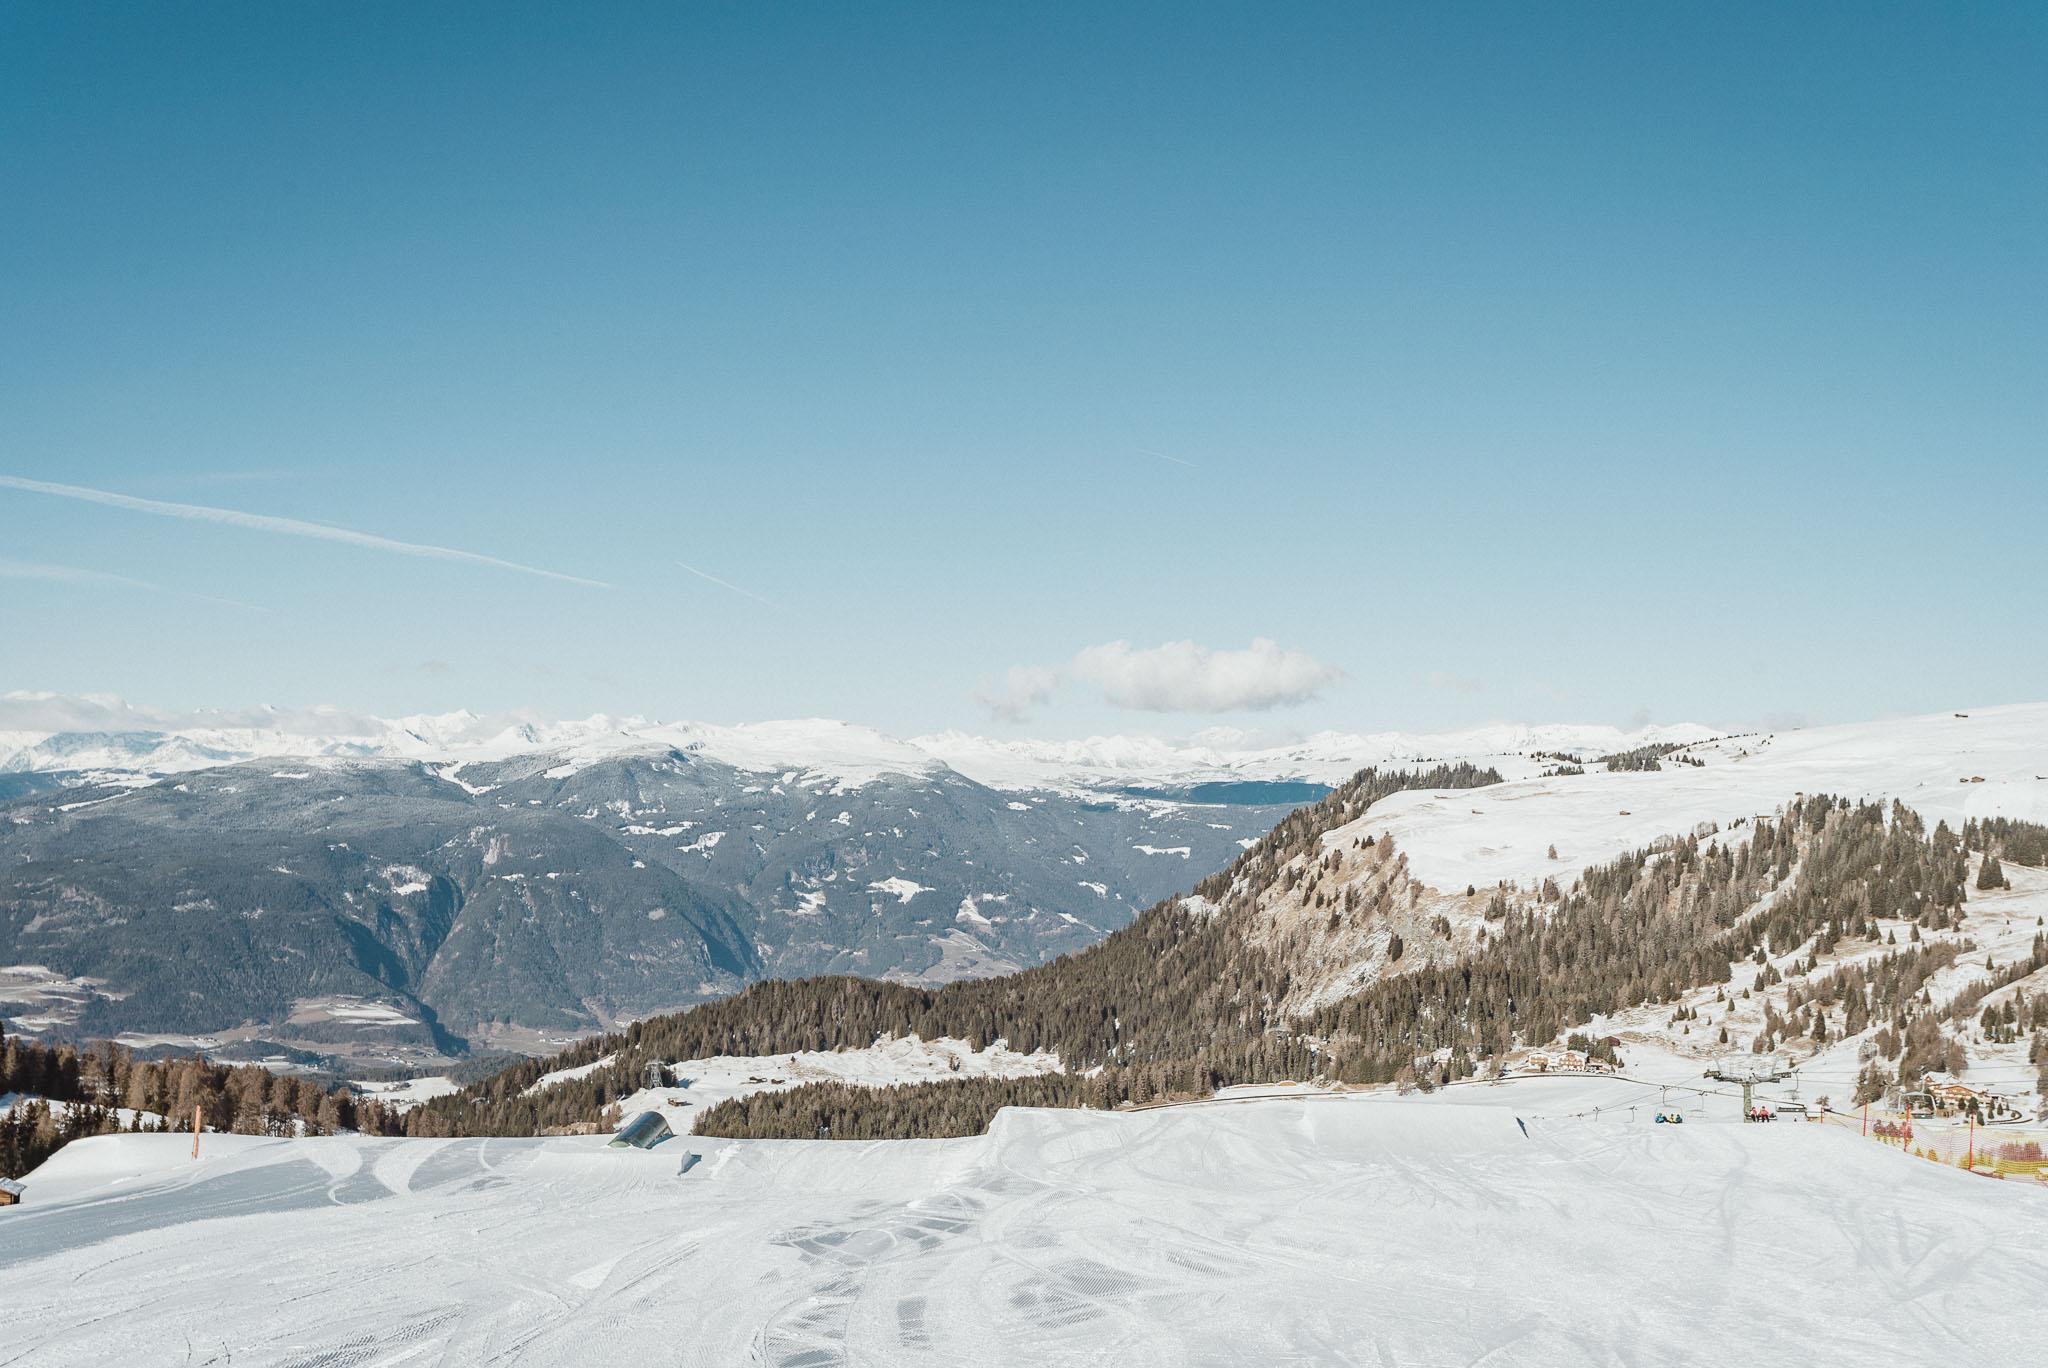 Nach einer ersten Hip, einem Straight Rail sowie einem Wave Run wartet ein Elbow Kinked Rail sowie Easy Kicker auf die Besucher im Snowpark Seiser Alm.